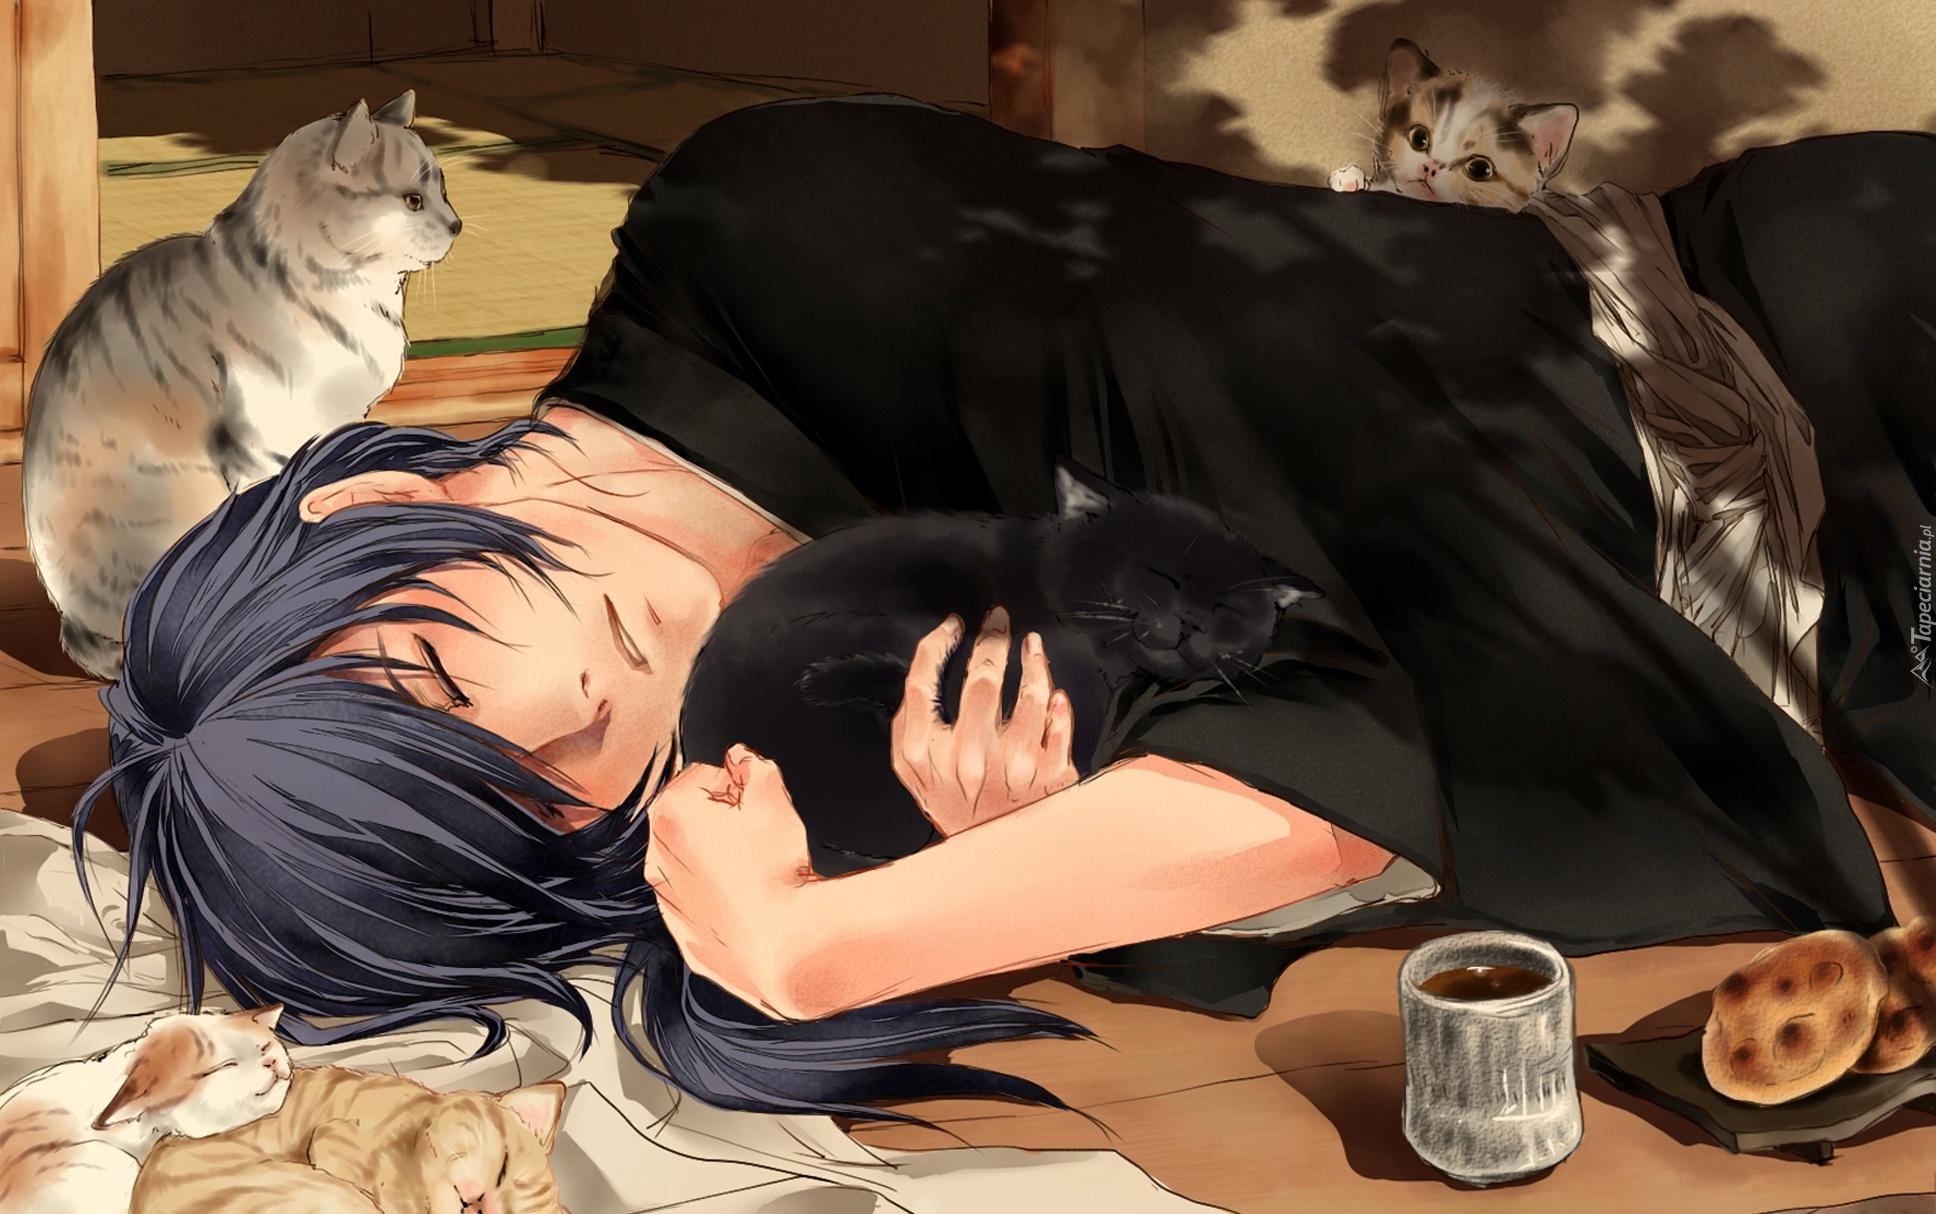 DT Sign Ups 265369_mezczyzna_koty_kubek_ciastka_rysunek_manga_anime